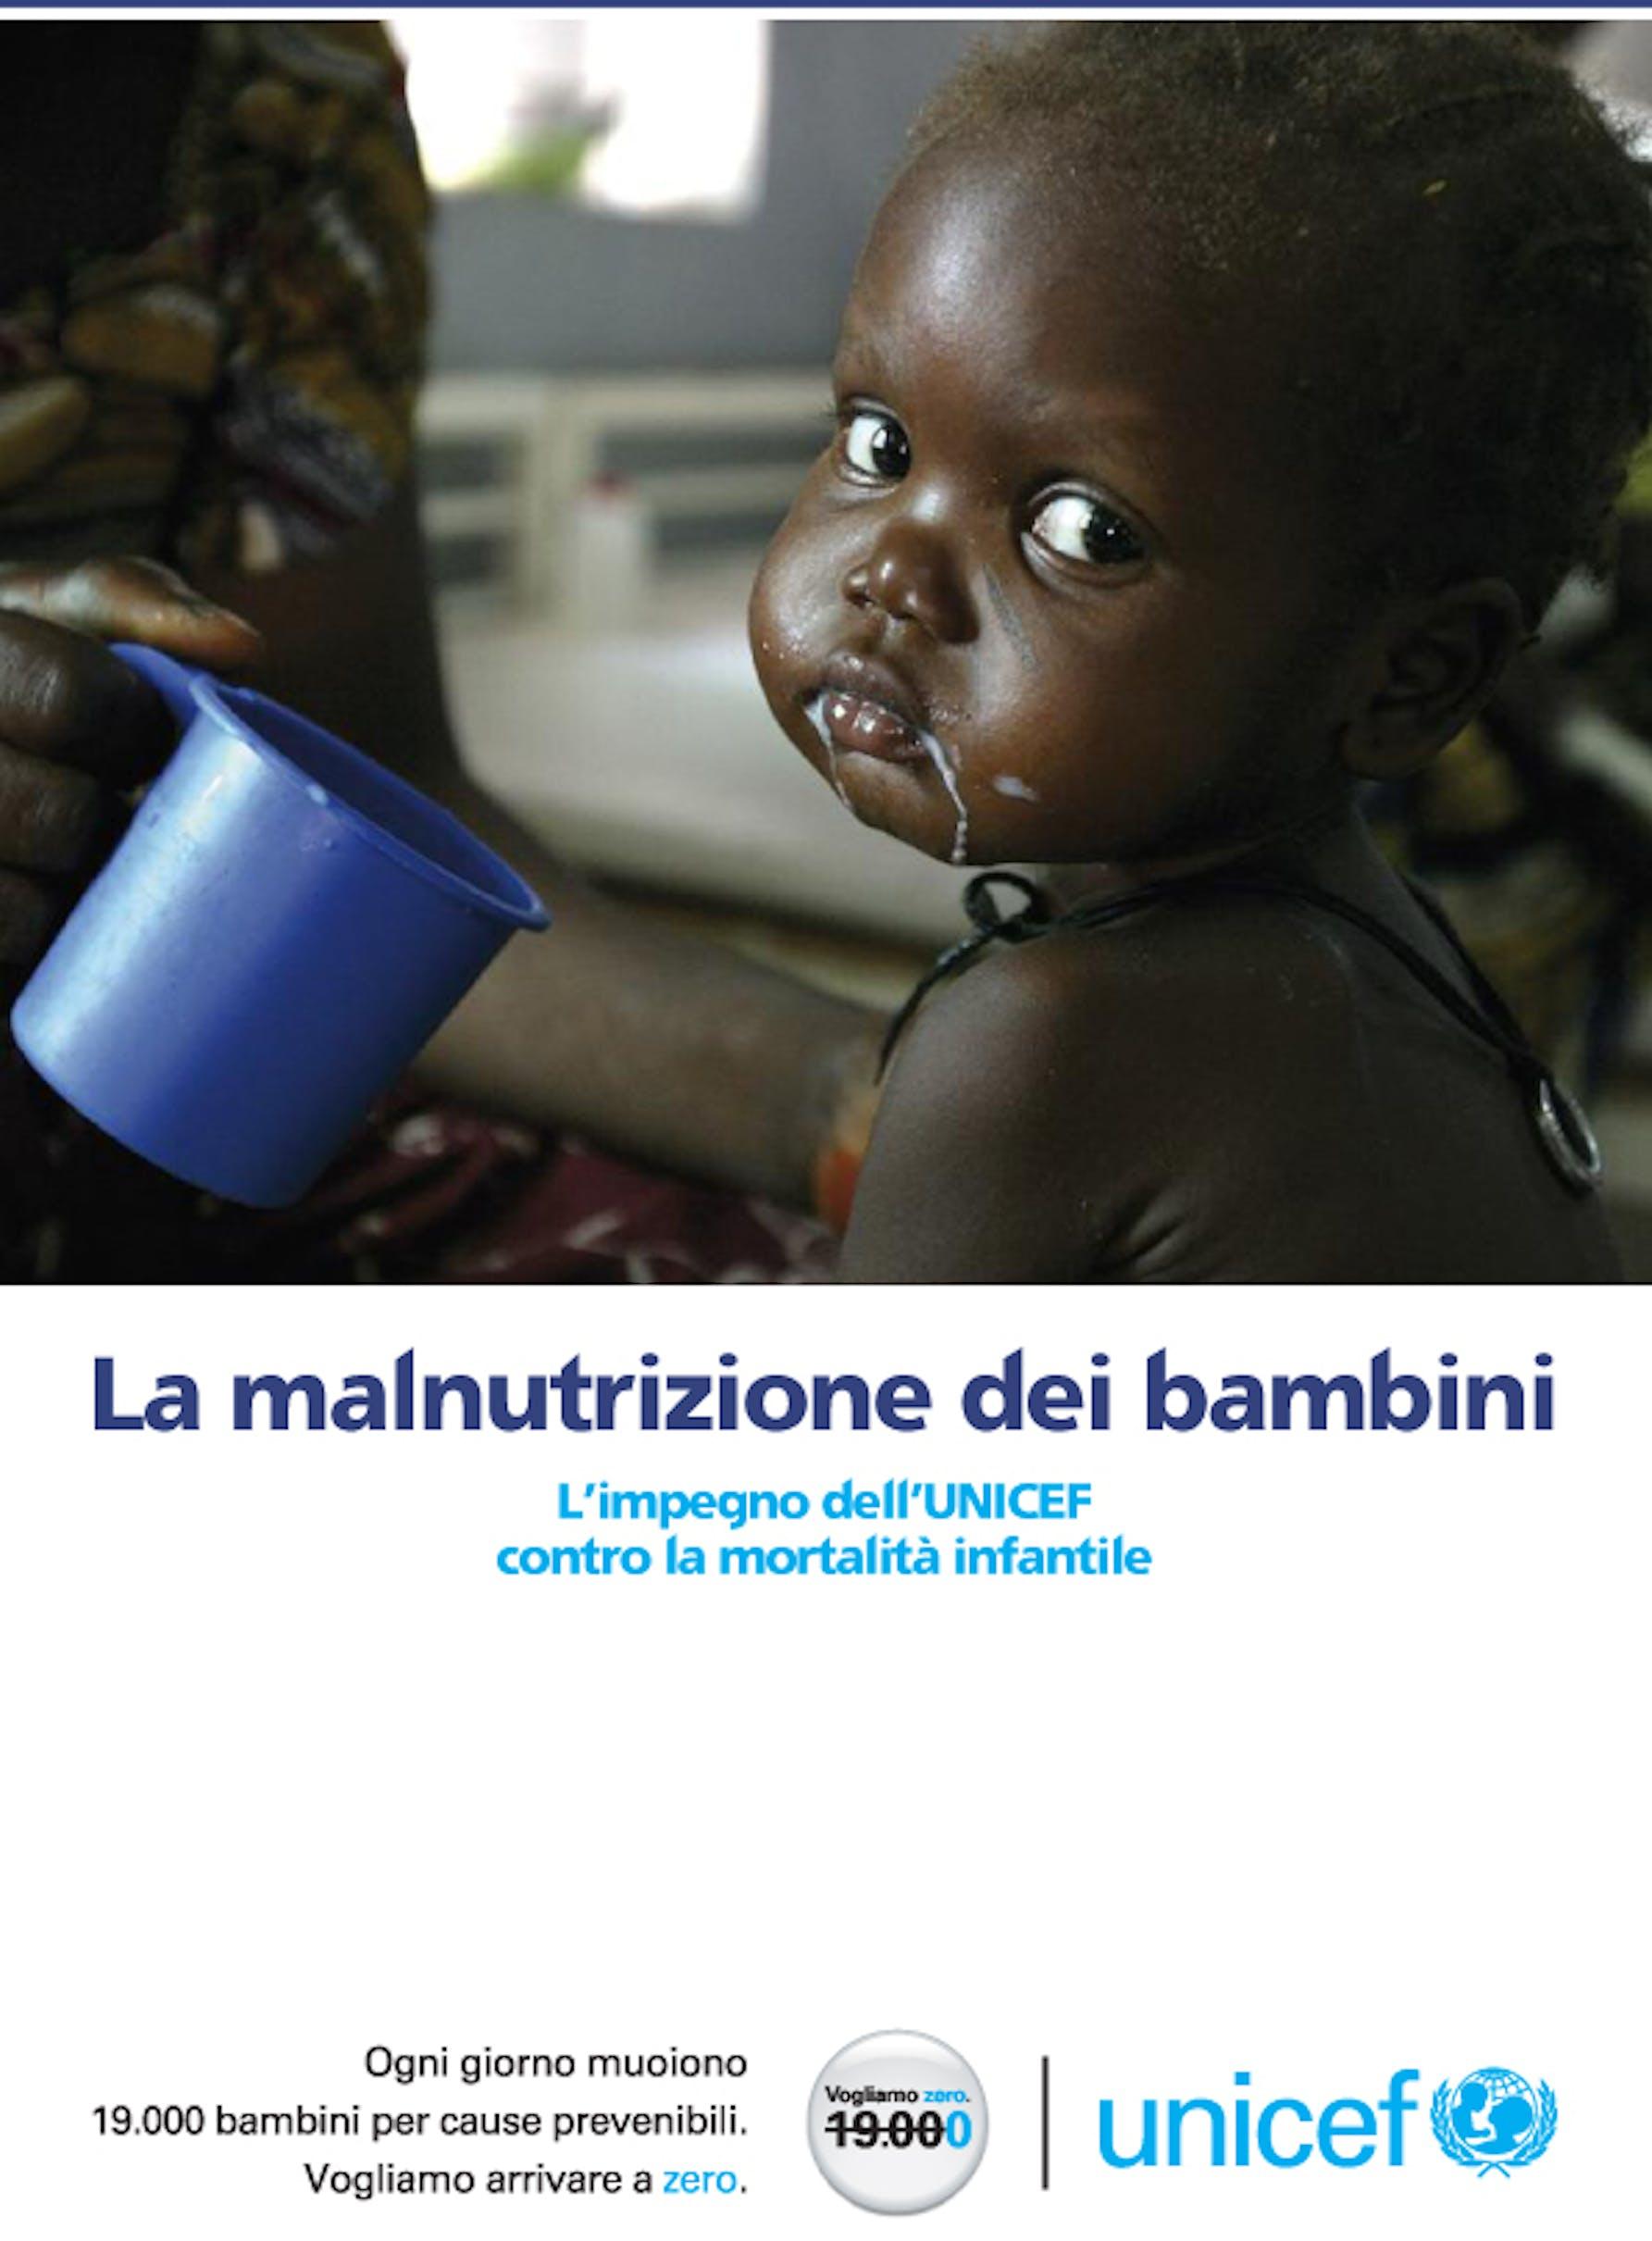 La malnutrizione dei bambini